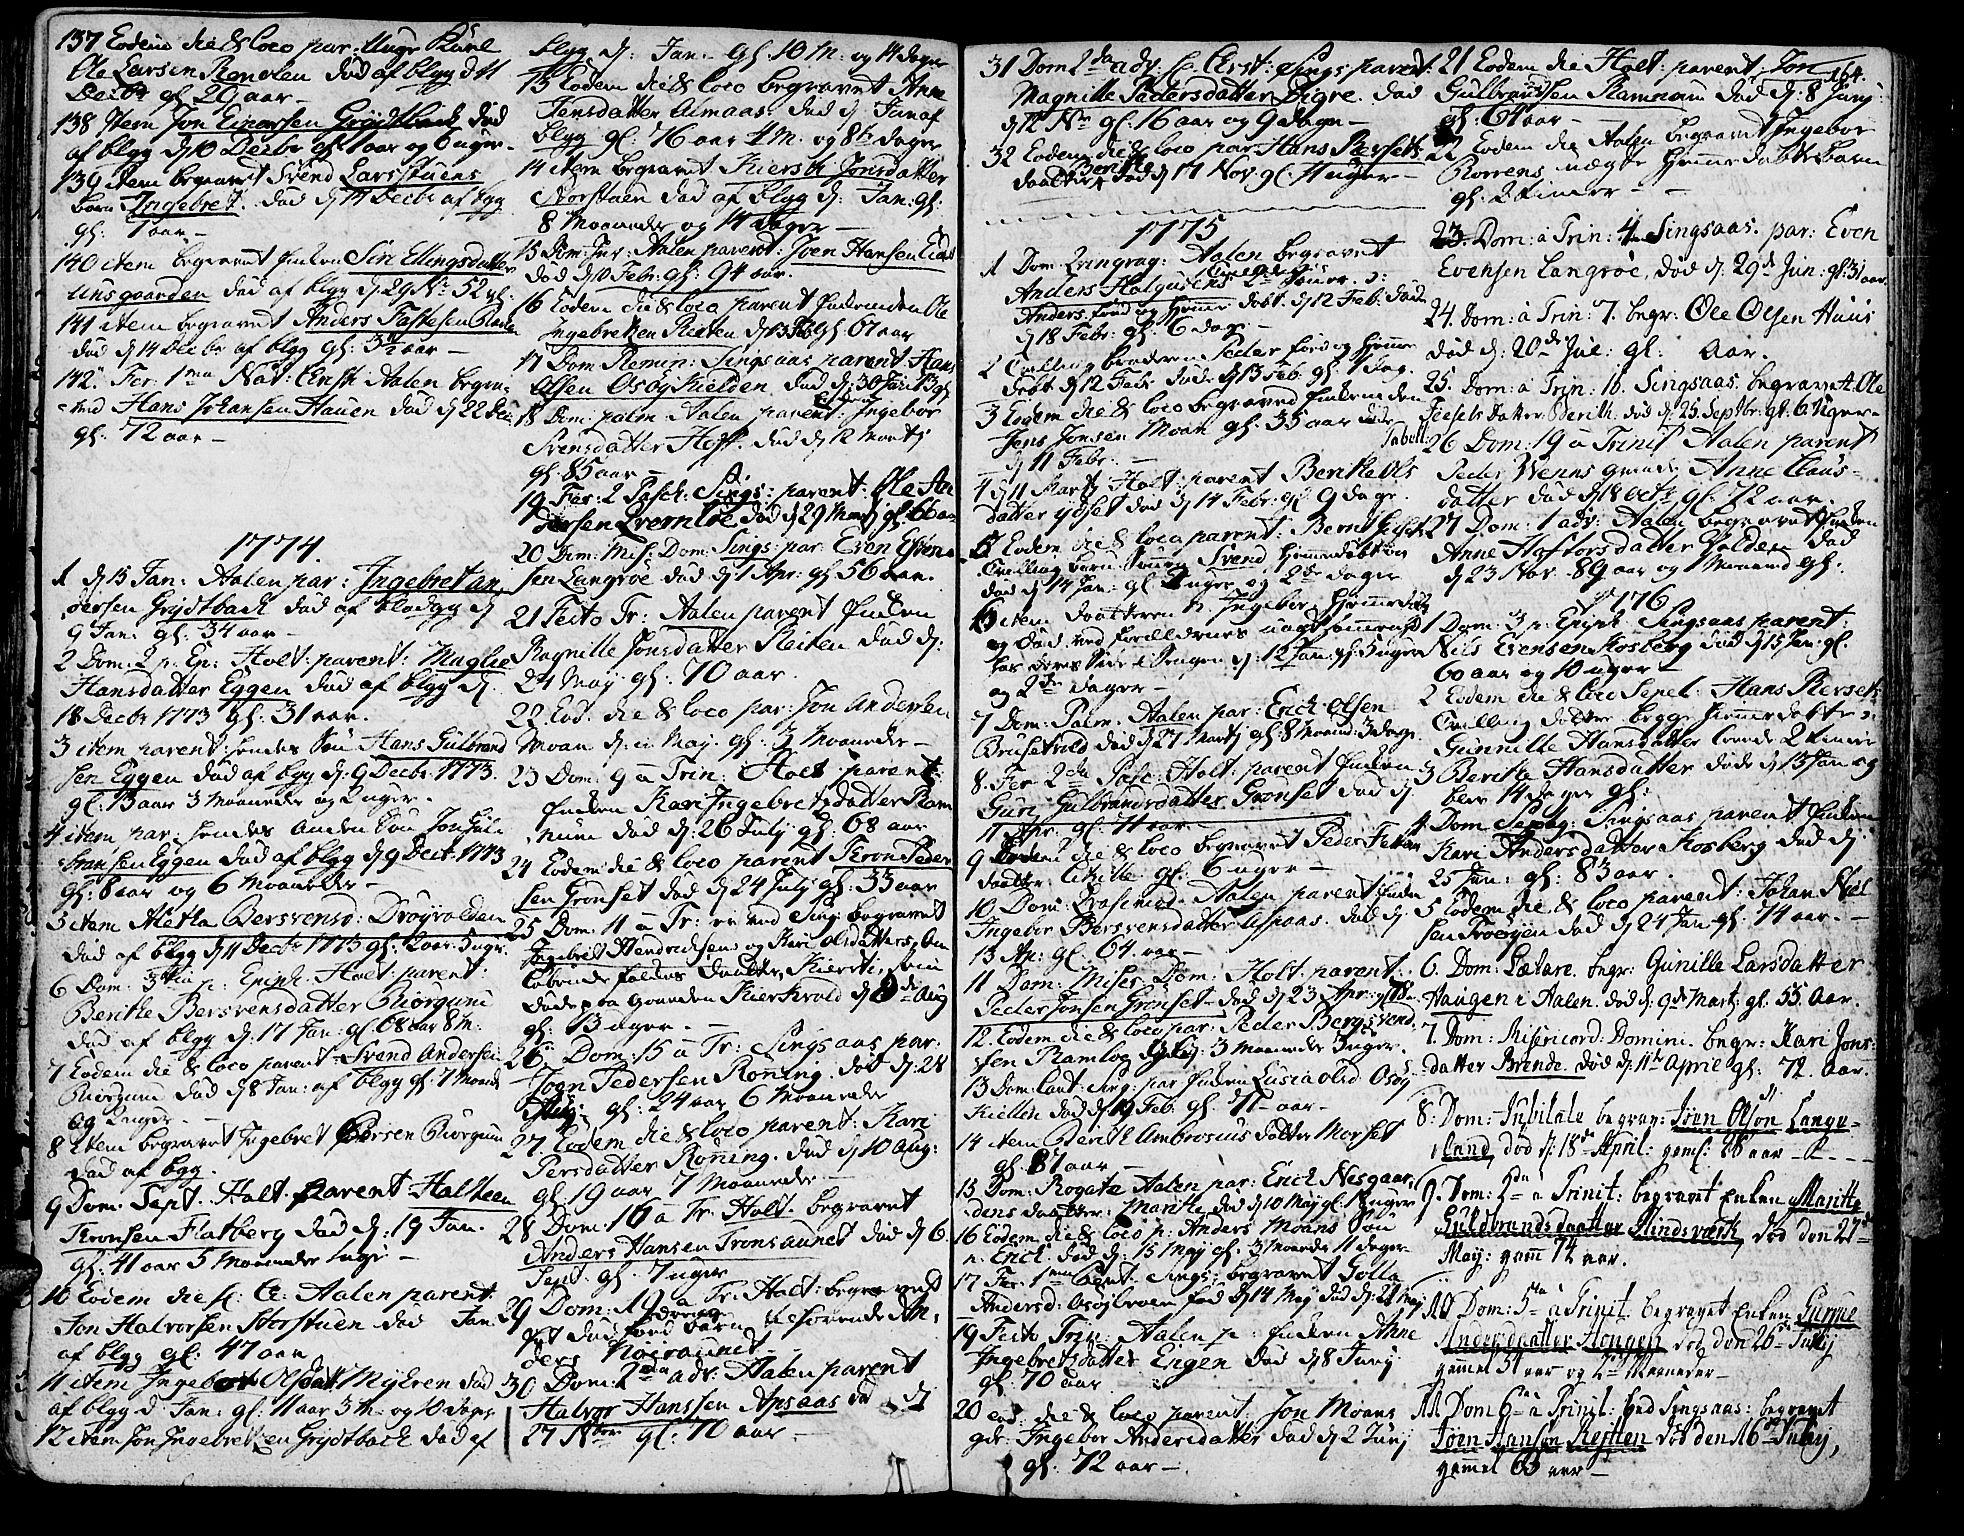 SAT, Ministerialprotokoller, klokkerbøker og fødselsregistre - Sør-Trøndelag, 685/L0952: Ministerialbok nr. 685A01, 1745-1804, s. 164